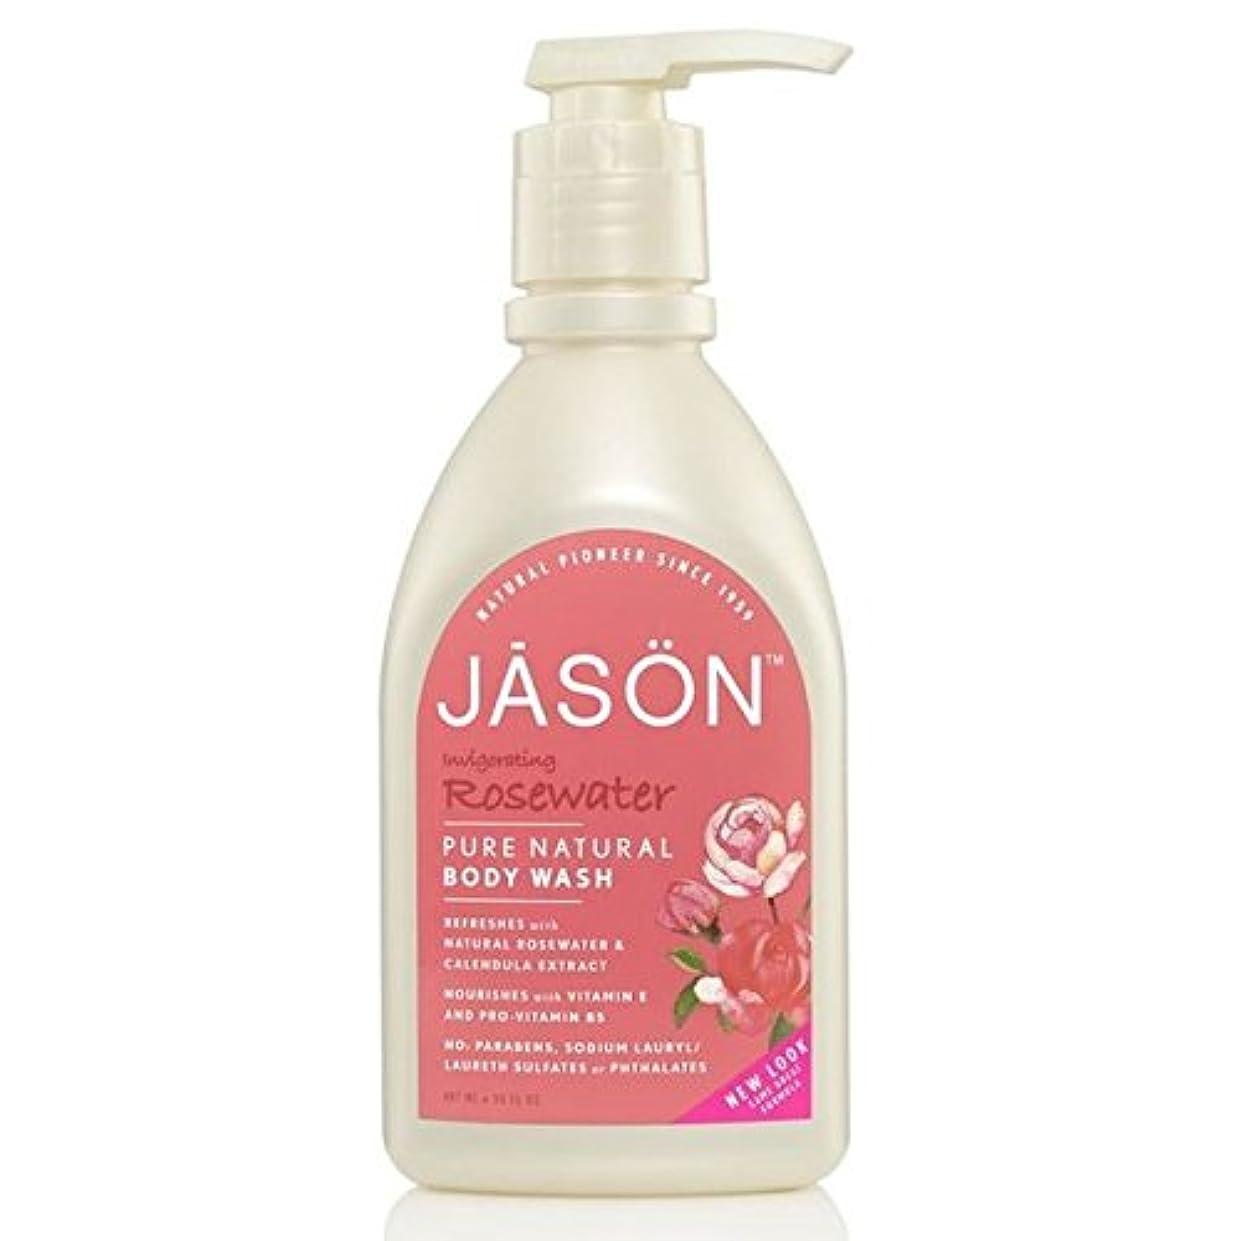 とげアパート価値のないジェイソン・ボディウォッシュローズウォーターサテンシャワー900ミリリットル x2 - Jason Body Wash Rosewater Satin Shower 900ml (Pack of 2) [並行輸入品]